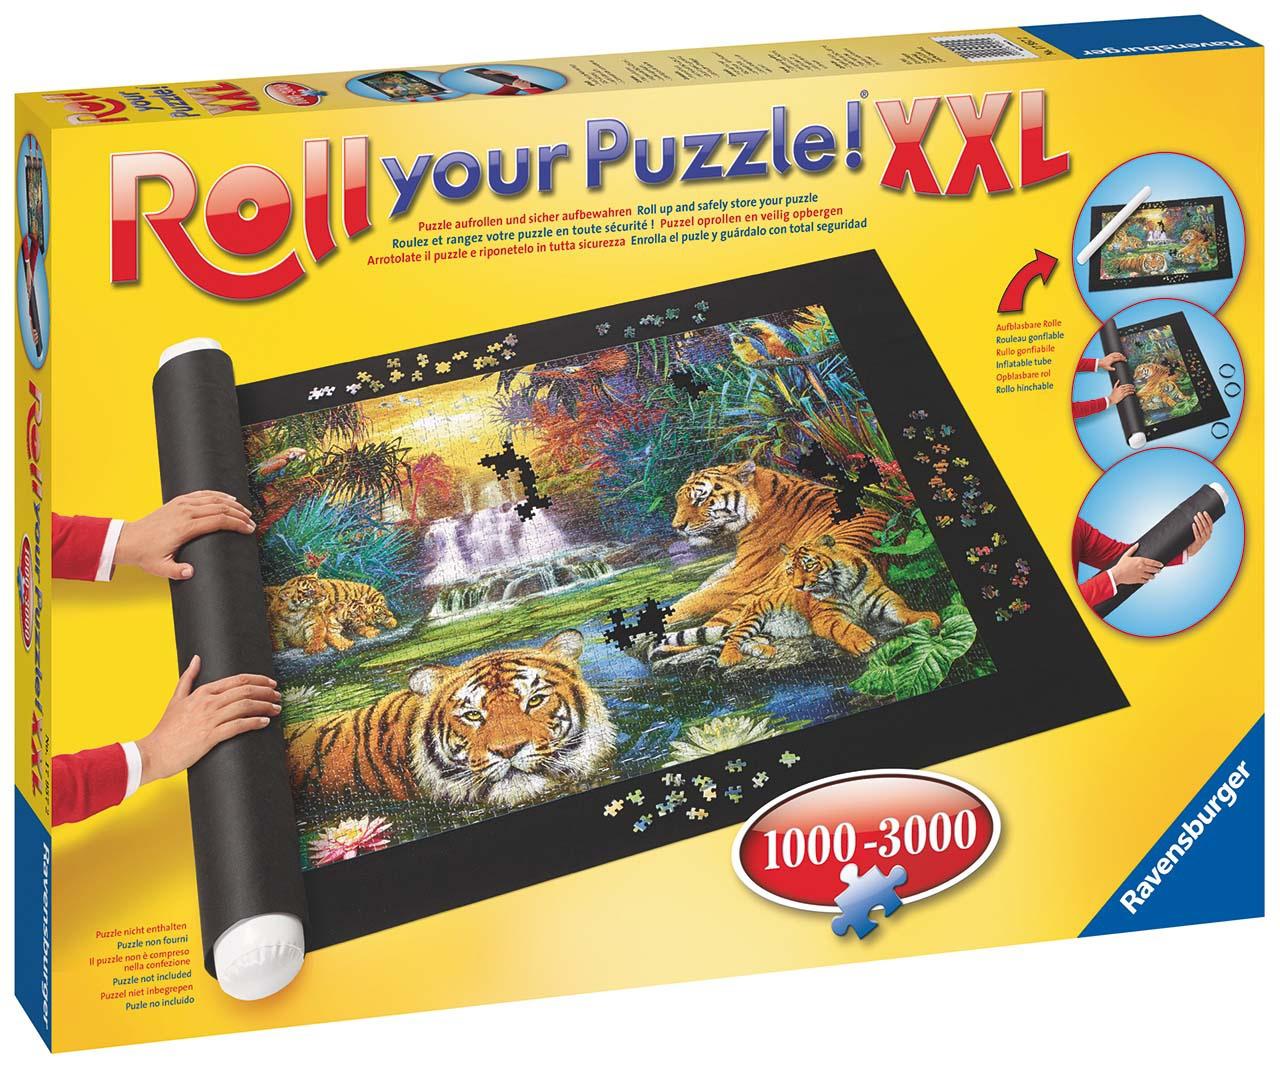 Ravensburger podložka na puzzle Sroluj si svoje Puzzle! XXL 1000-3000 dílků